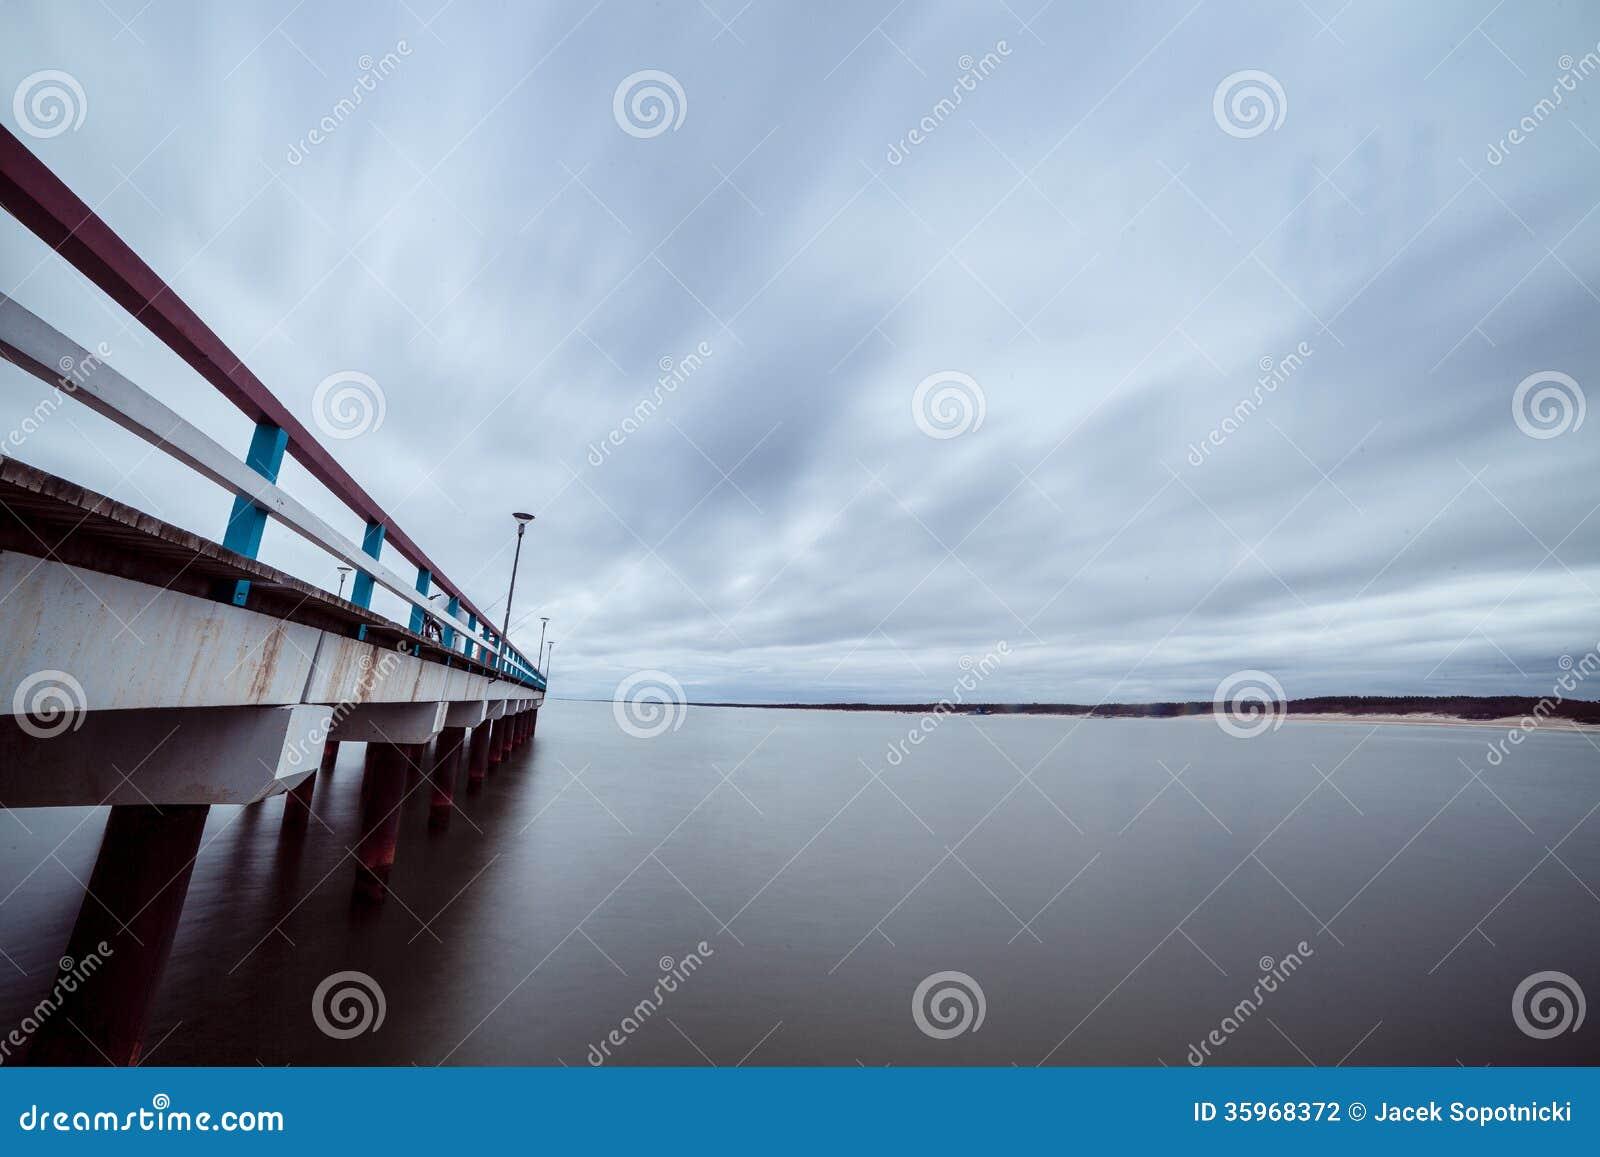 El mar Báltico y un embarcadero